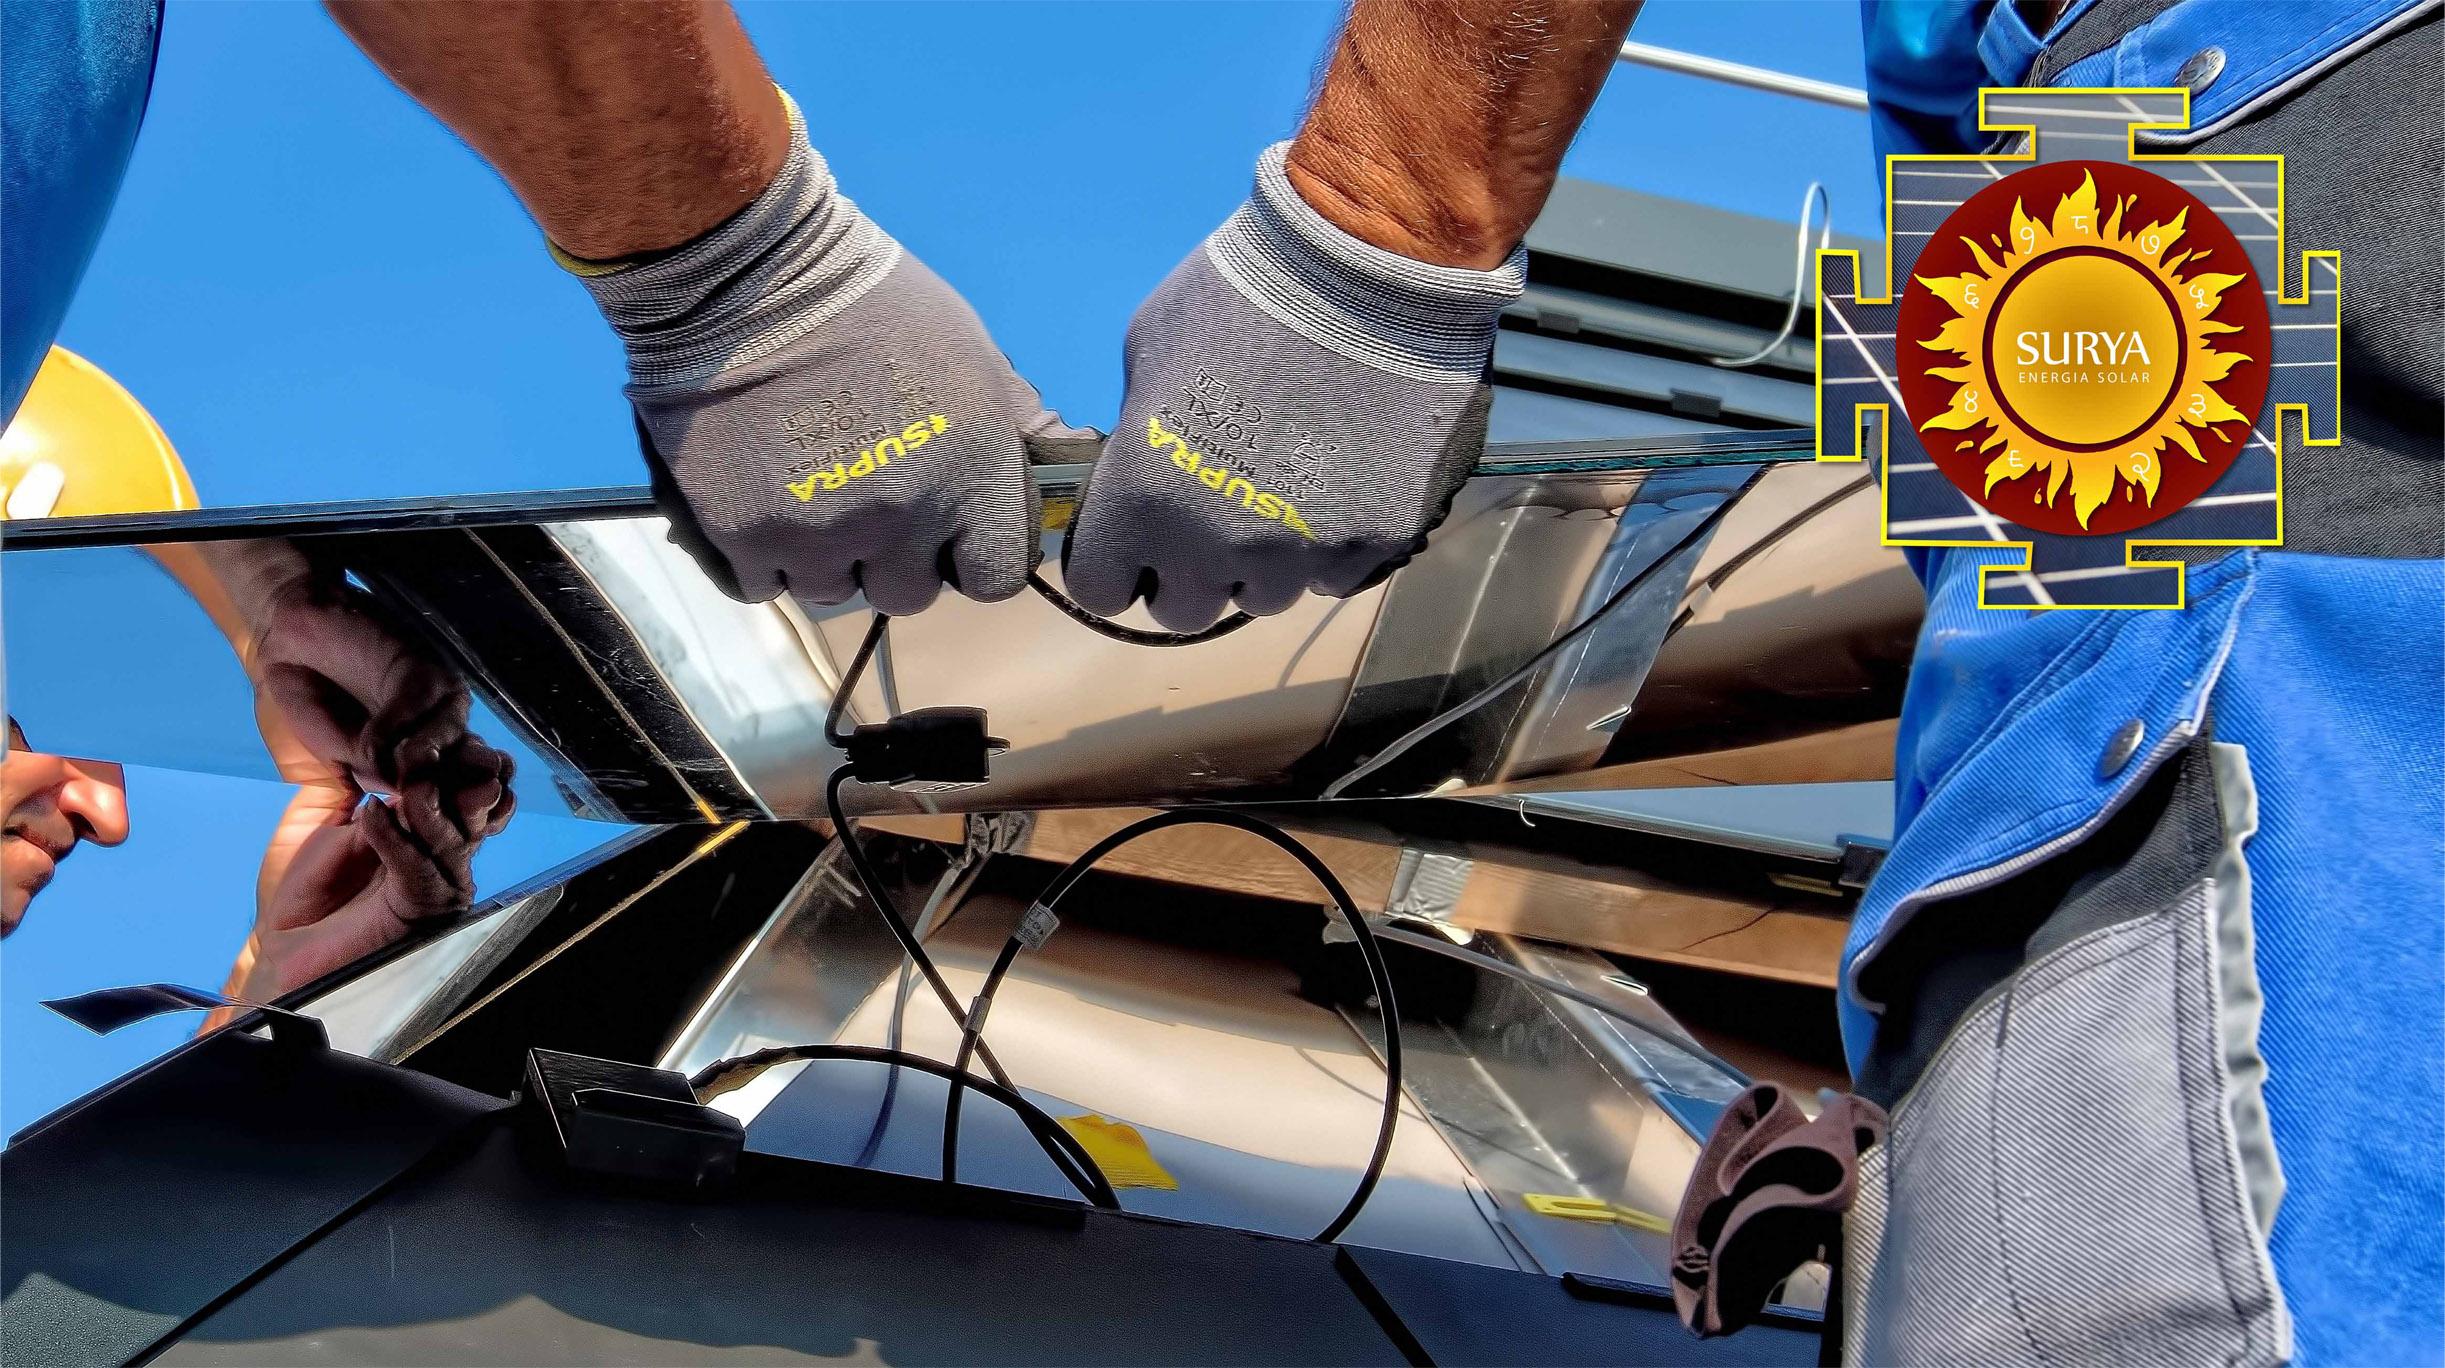 energia-solar-surya-empleo_Mesa-de-trabajo-1-1.jpg